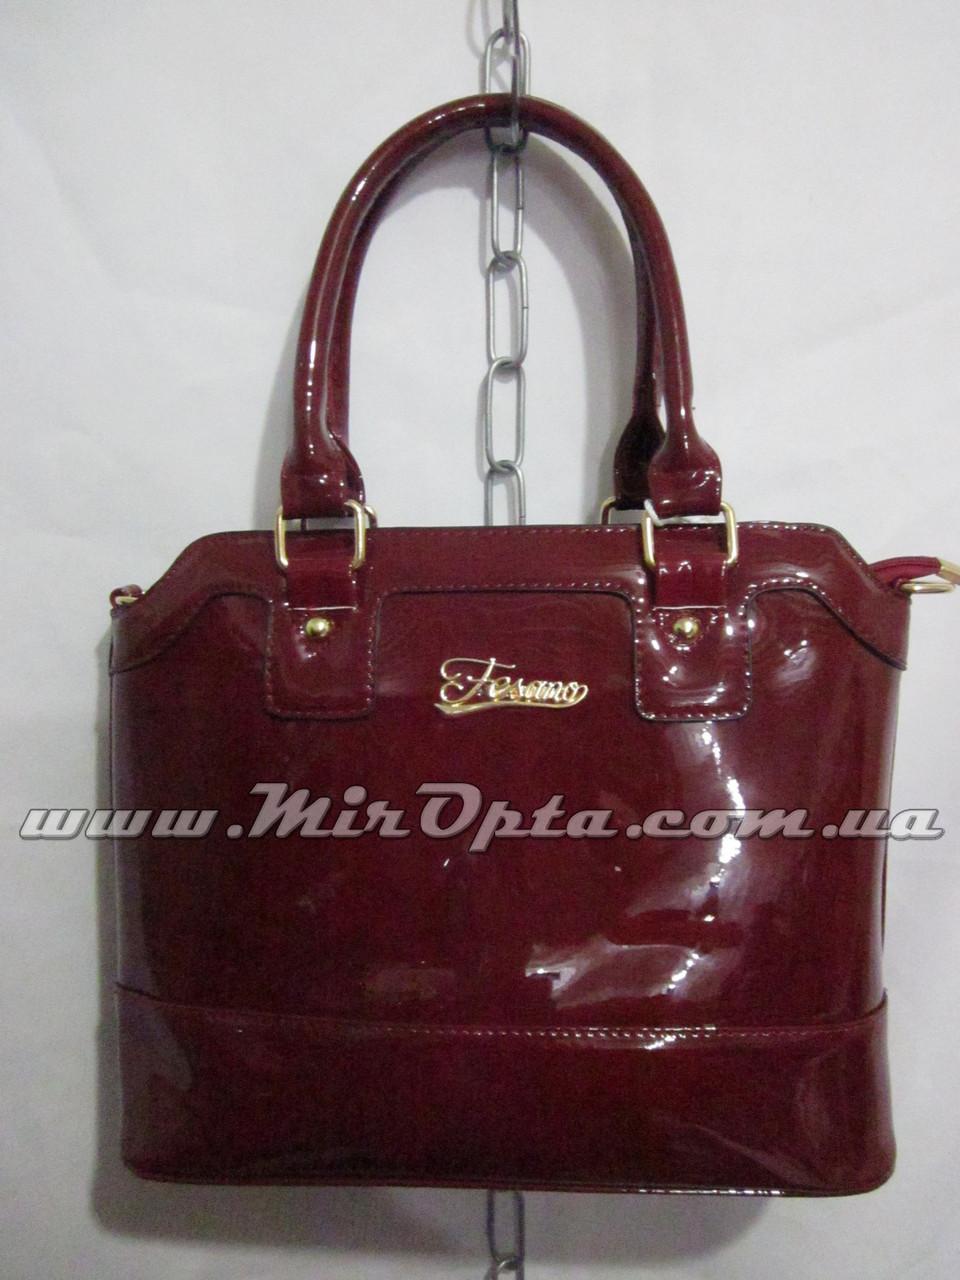 19992f4f27f8 Женская сумка лакированная 0583 (31 х 25 см.) купить оптом в Украине ...